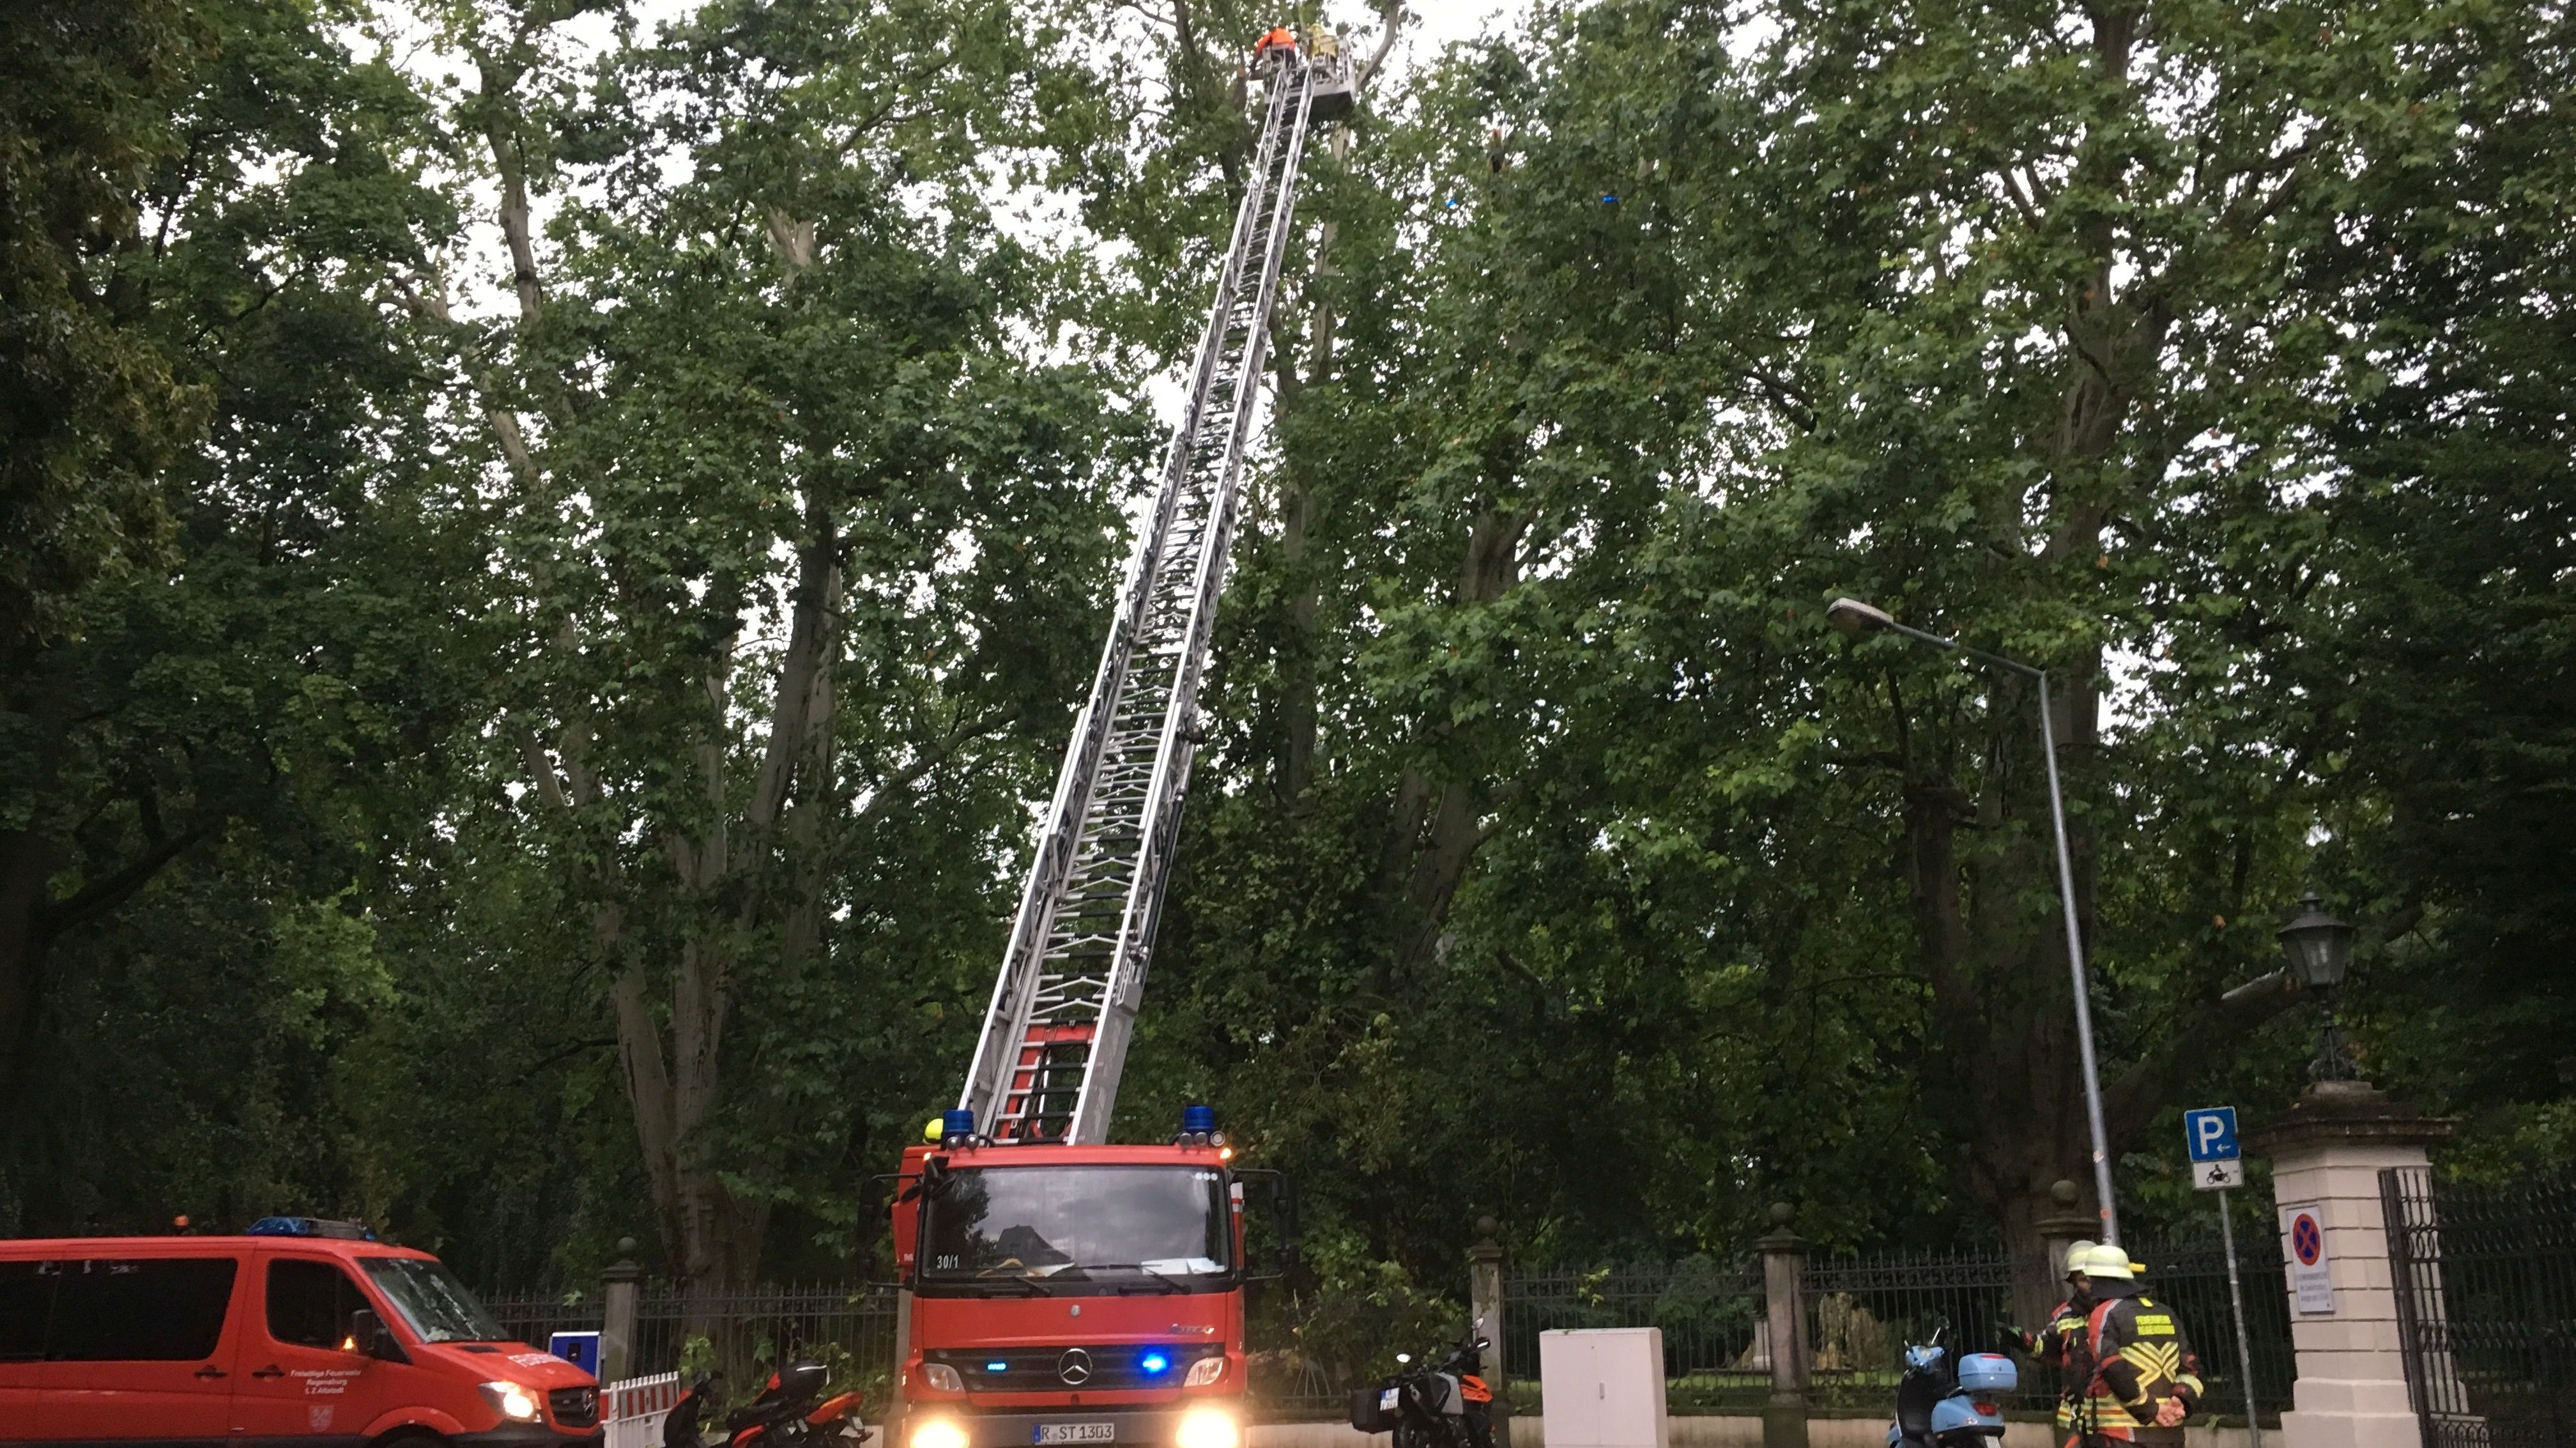 Feuerwehreinsatz am Schlosspark in Regensburg: Ein großer Ast hat den Zaun des Schlosses beschädigt